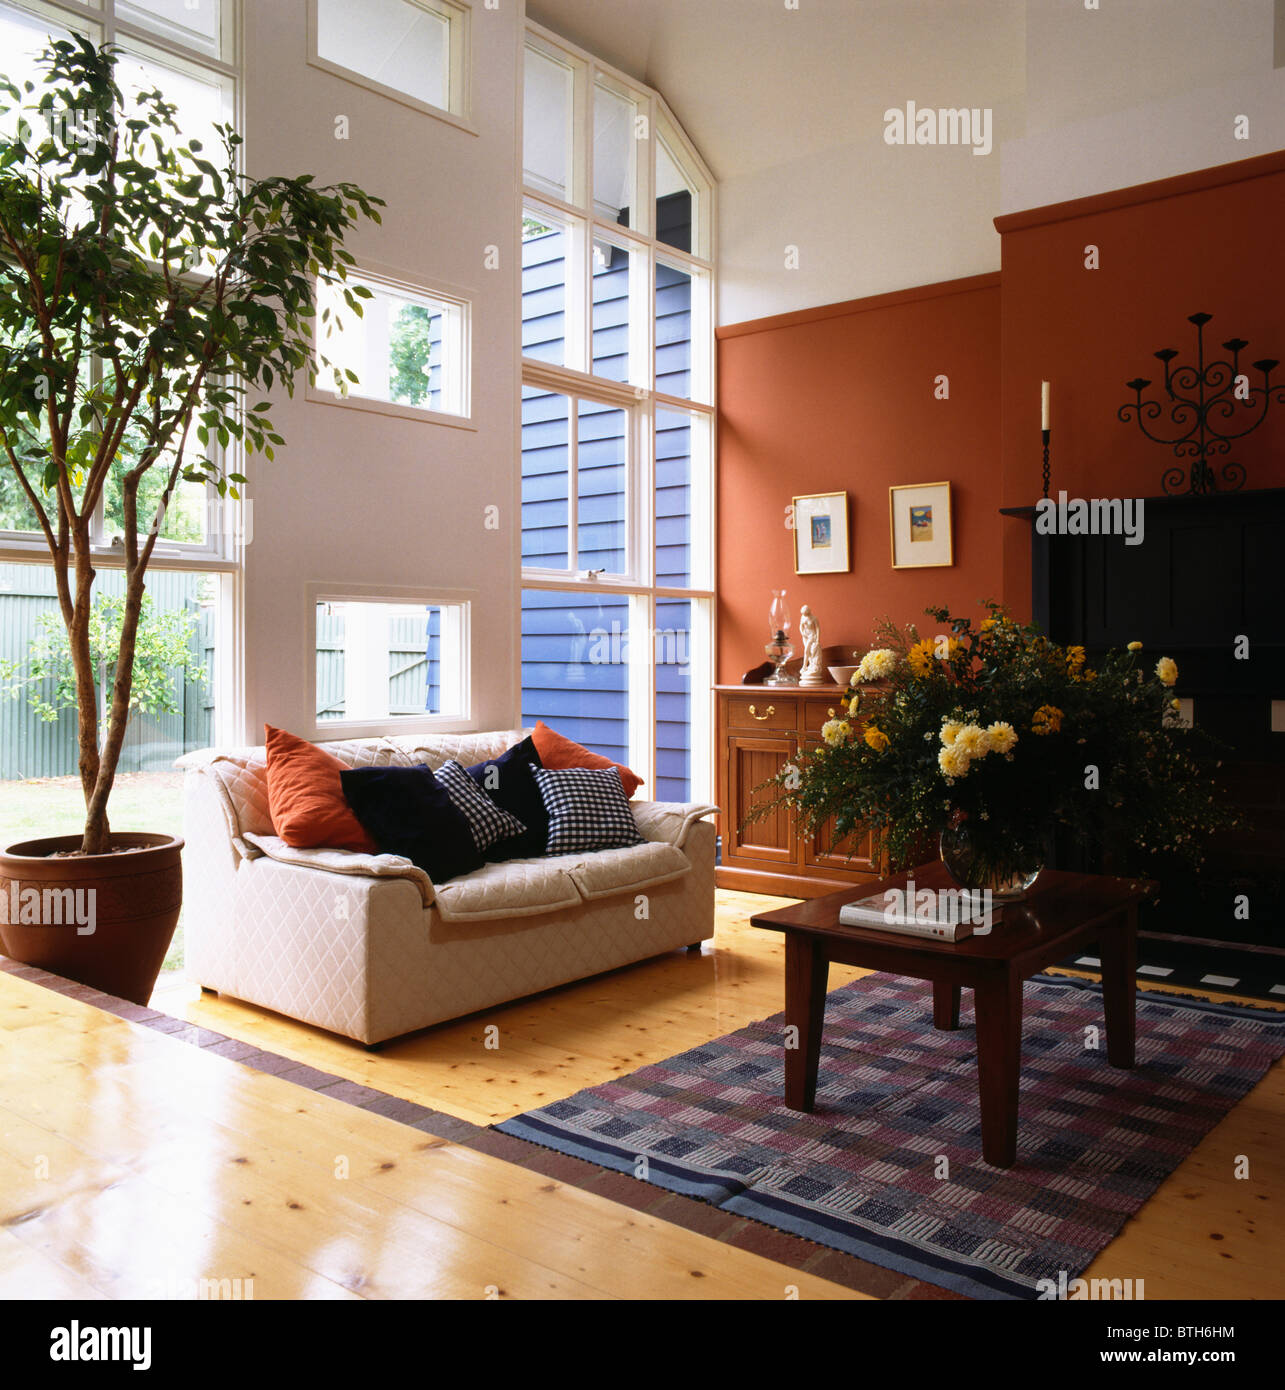 Weißes Sofa Und Baum In Topf In Großen Modernen Split Level Wohnzimmer Mit  Fensterfront Und Einem Terrakotta Wand